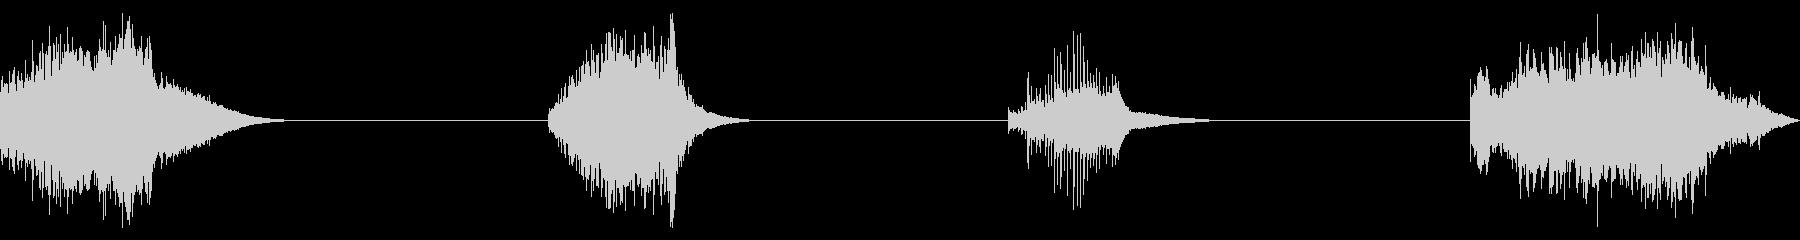 カートン、ライズ、4バージョン; ...の未再生の波形